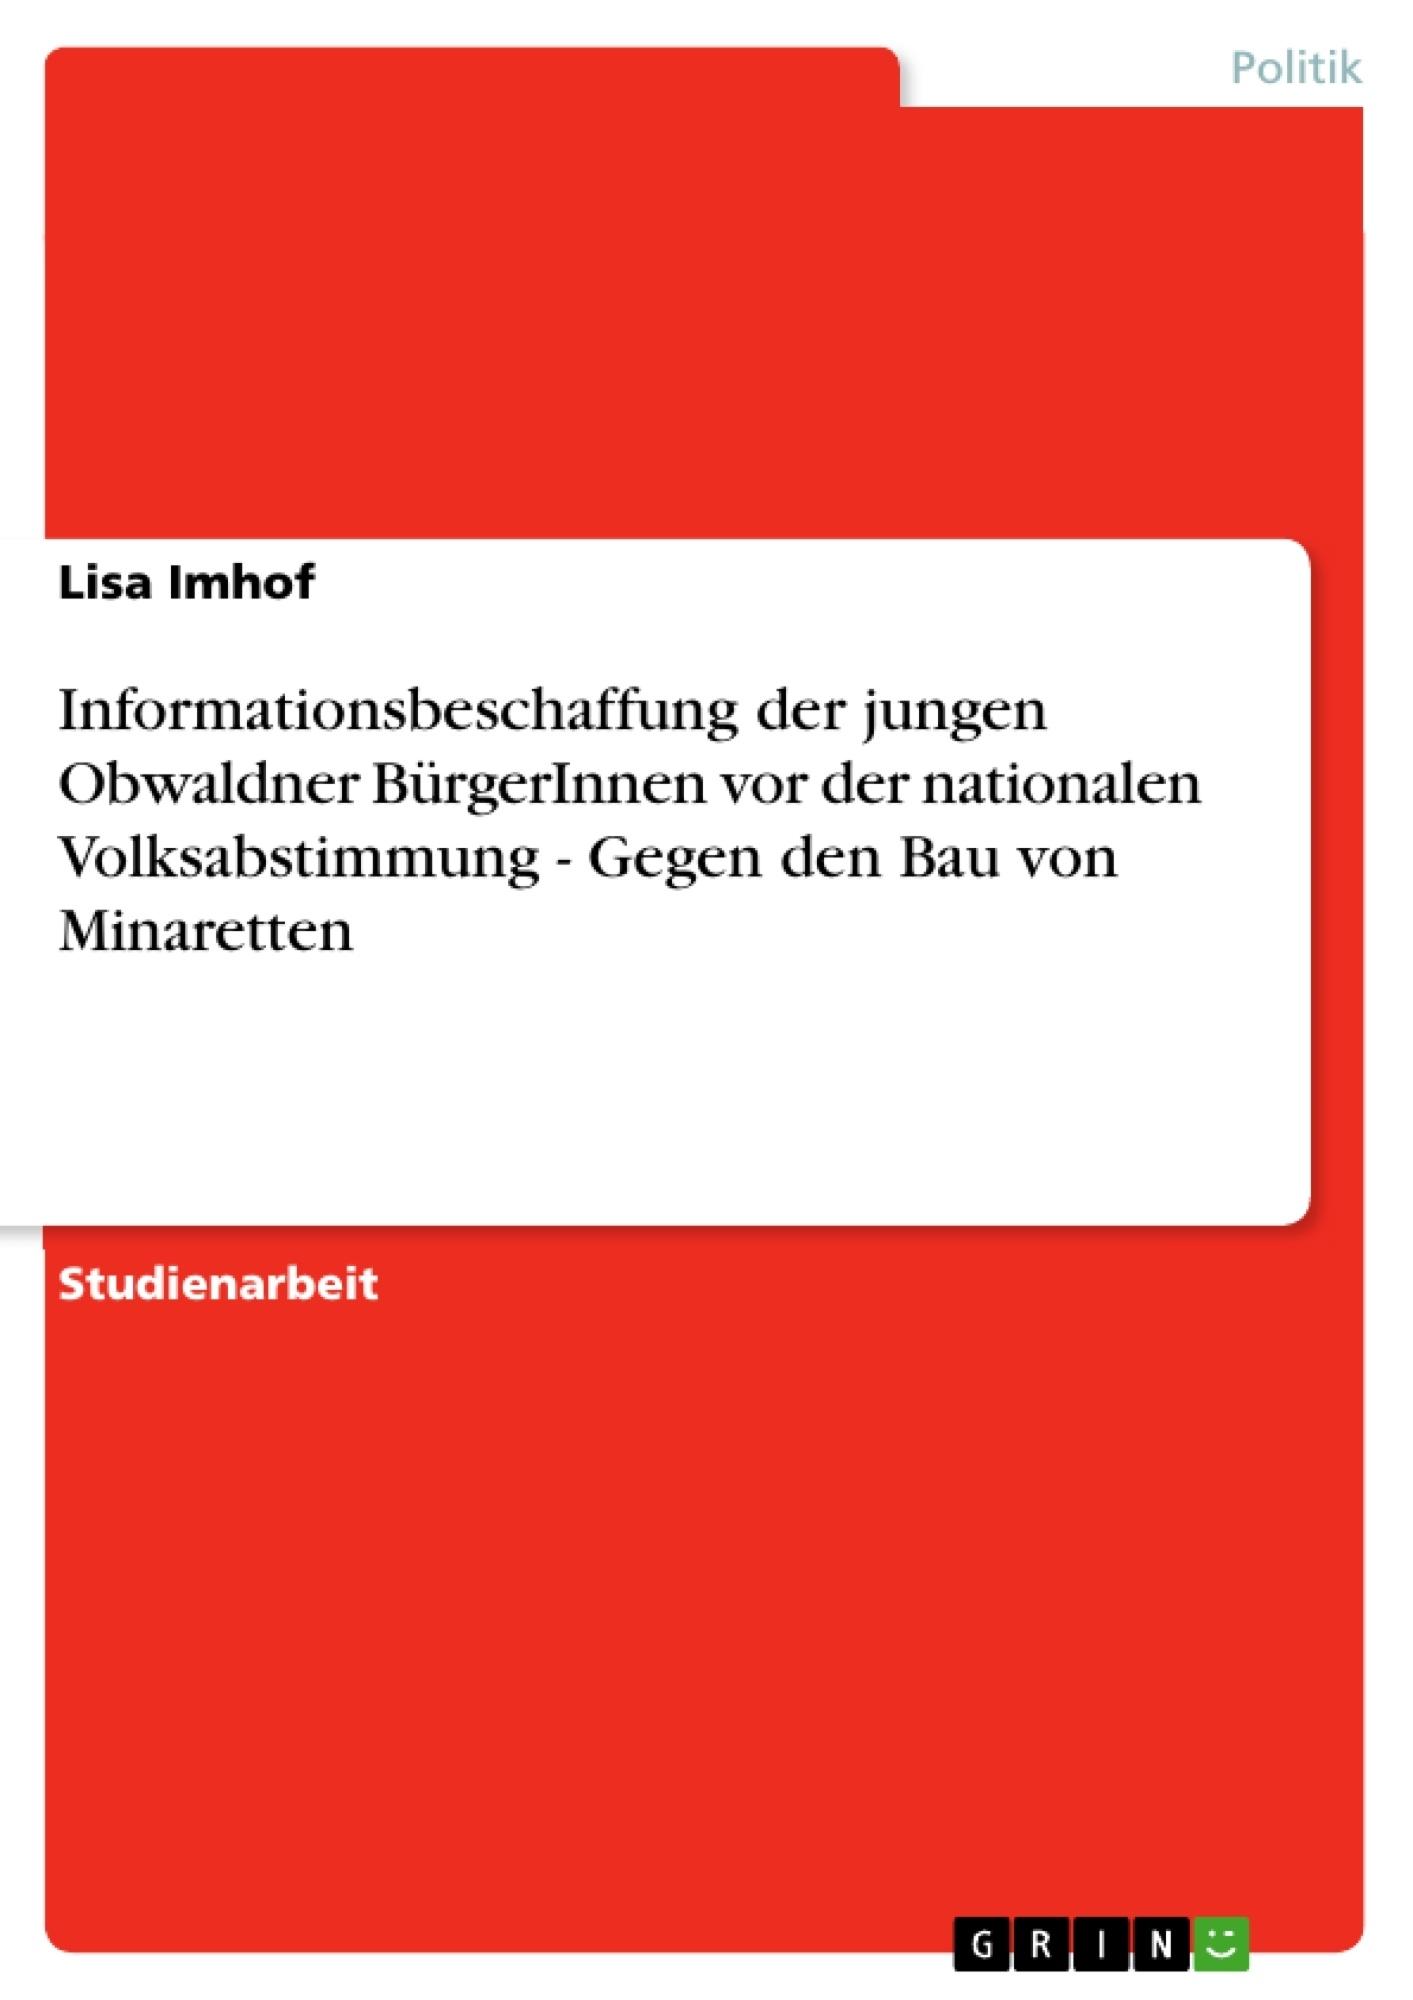 Titel: Informationsbeschaffung der jungen Obwaldner BürgerInnen vor der nationalen Volksabstimmung - Gegen den Bau von Minaretten